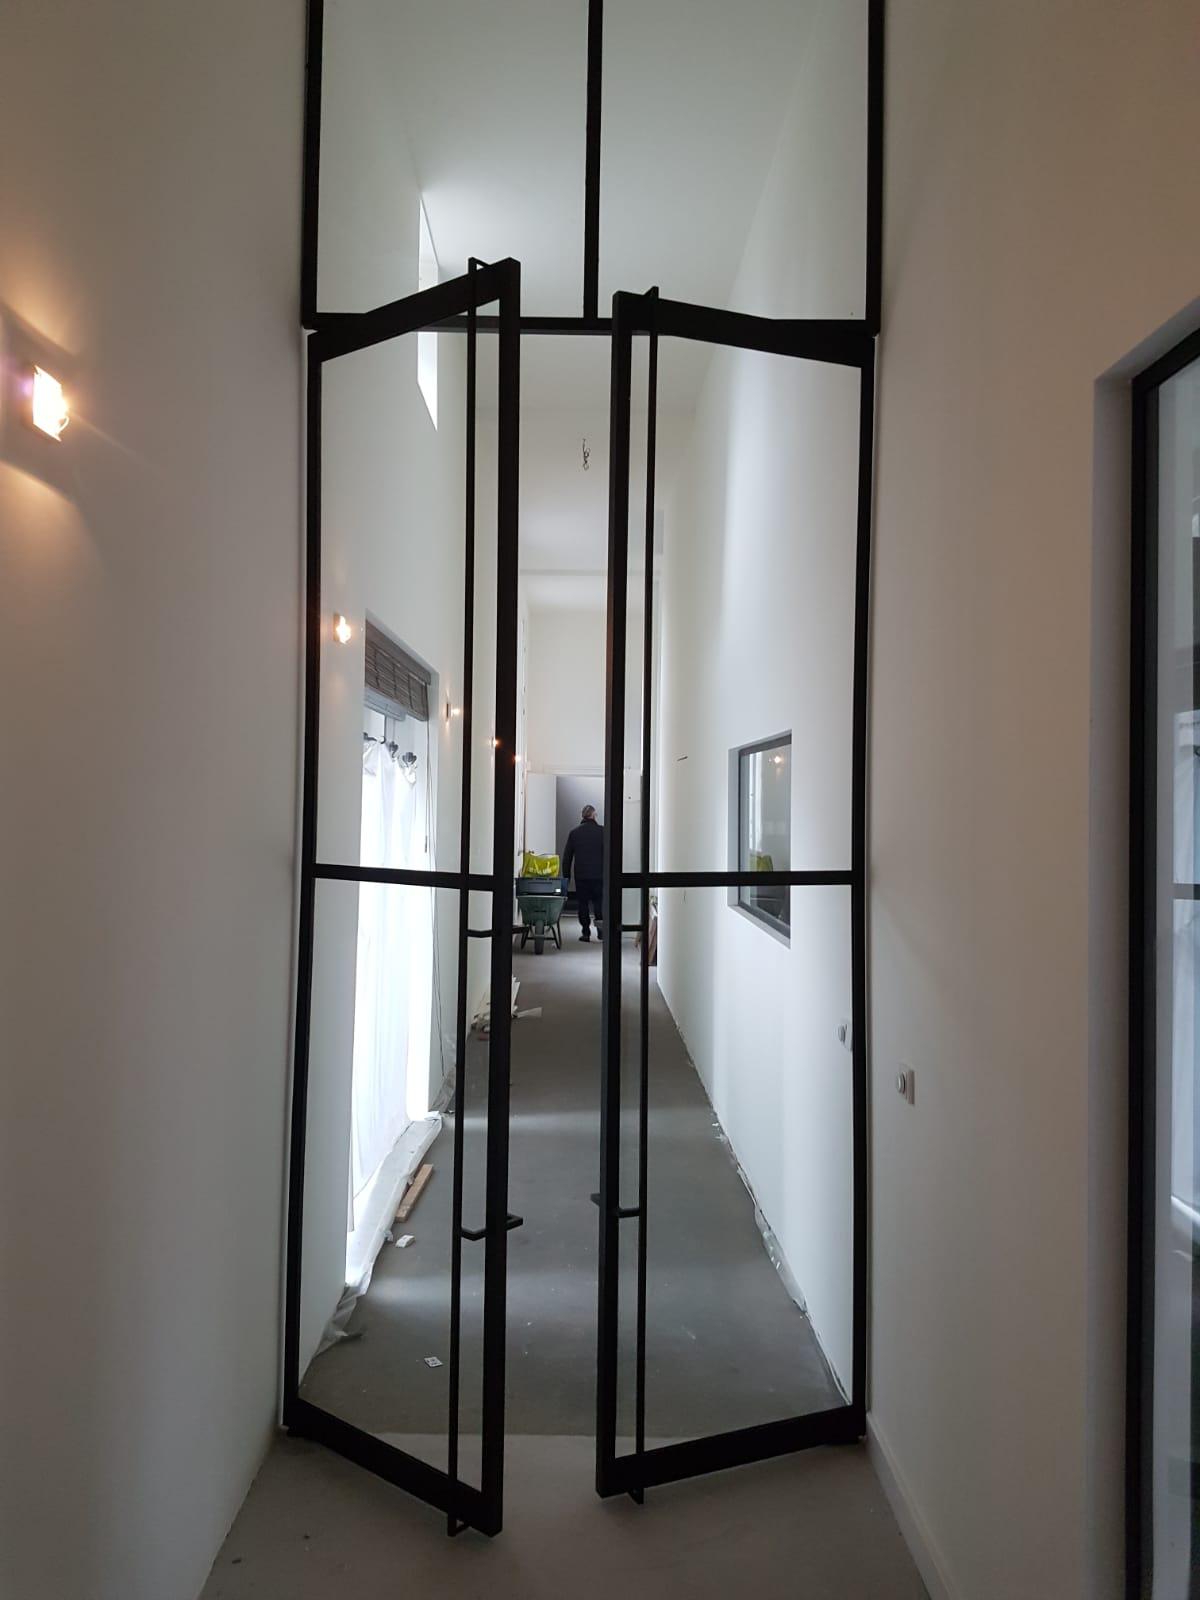 Stalen deur dubbele deur voorbeeld woning